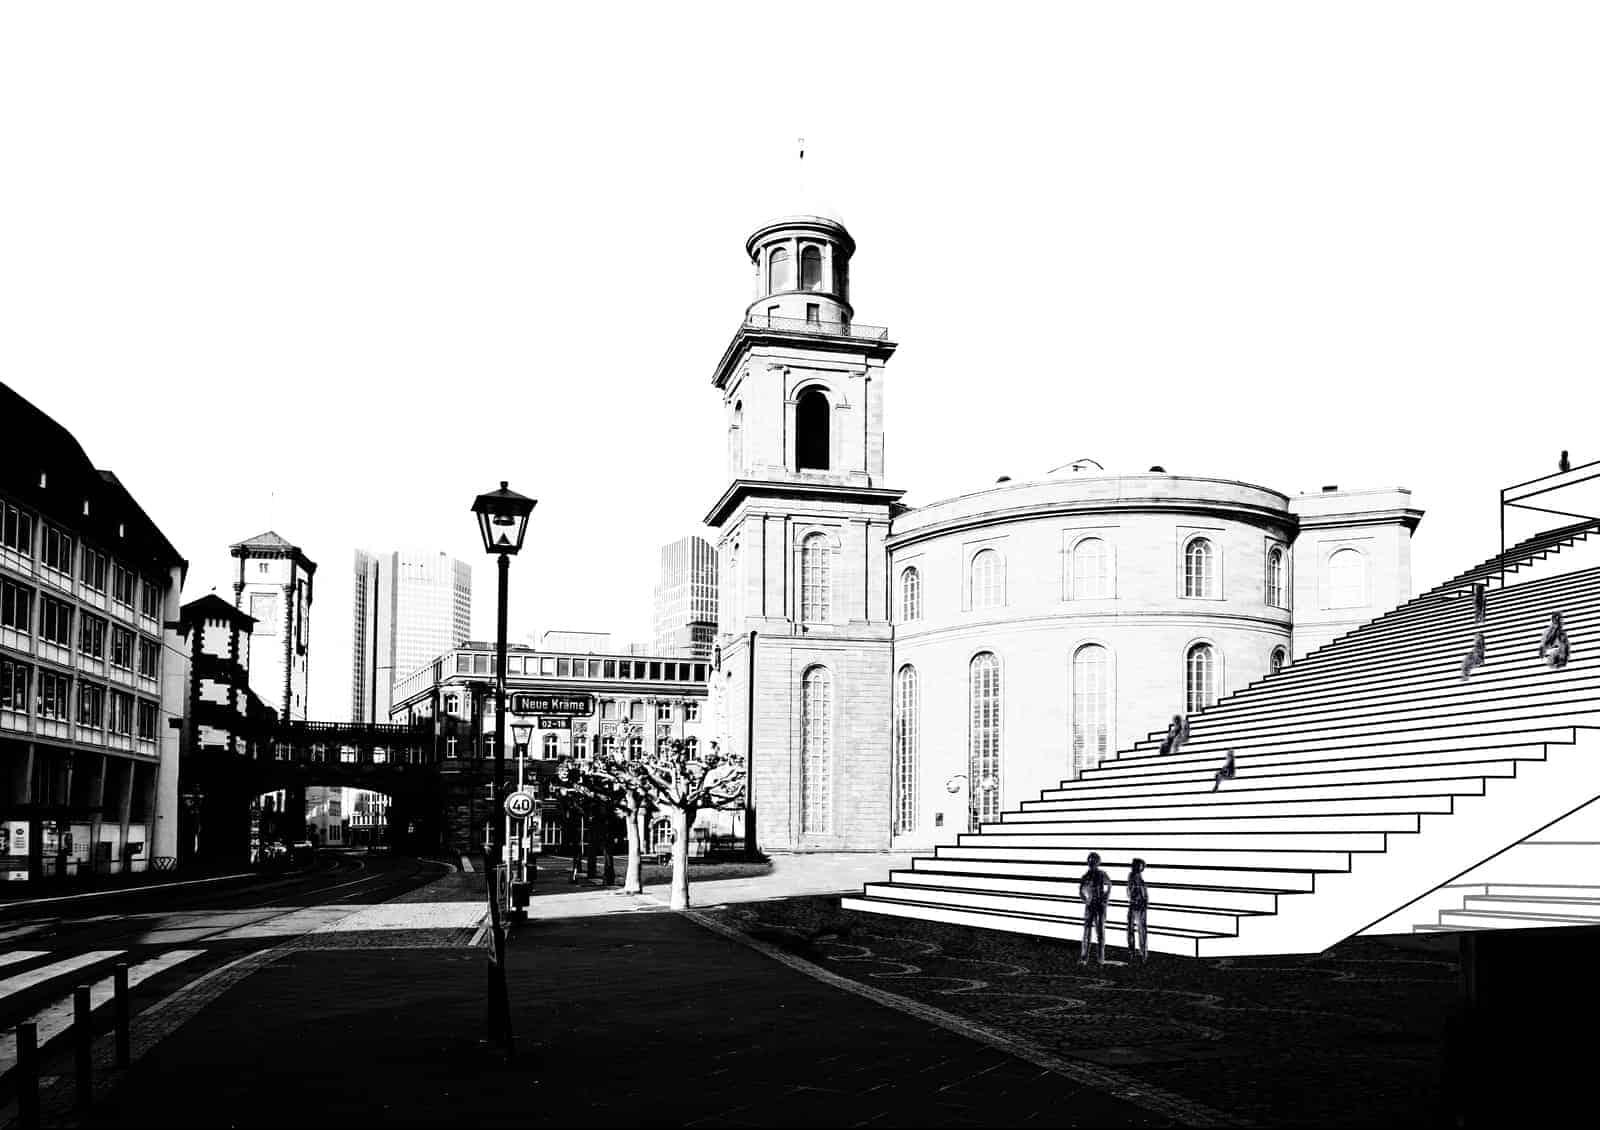 Blick auf die Republikanische Treppe und die Paulskirche I © Sandra Voss/Holger Kleine/HSRM